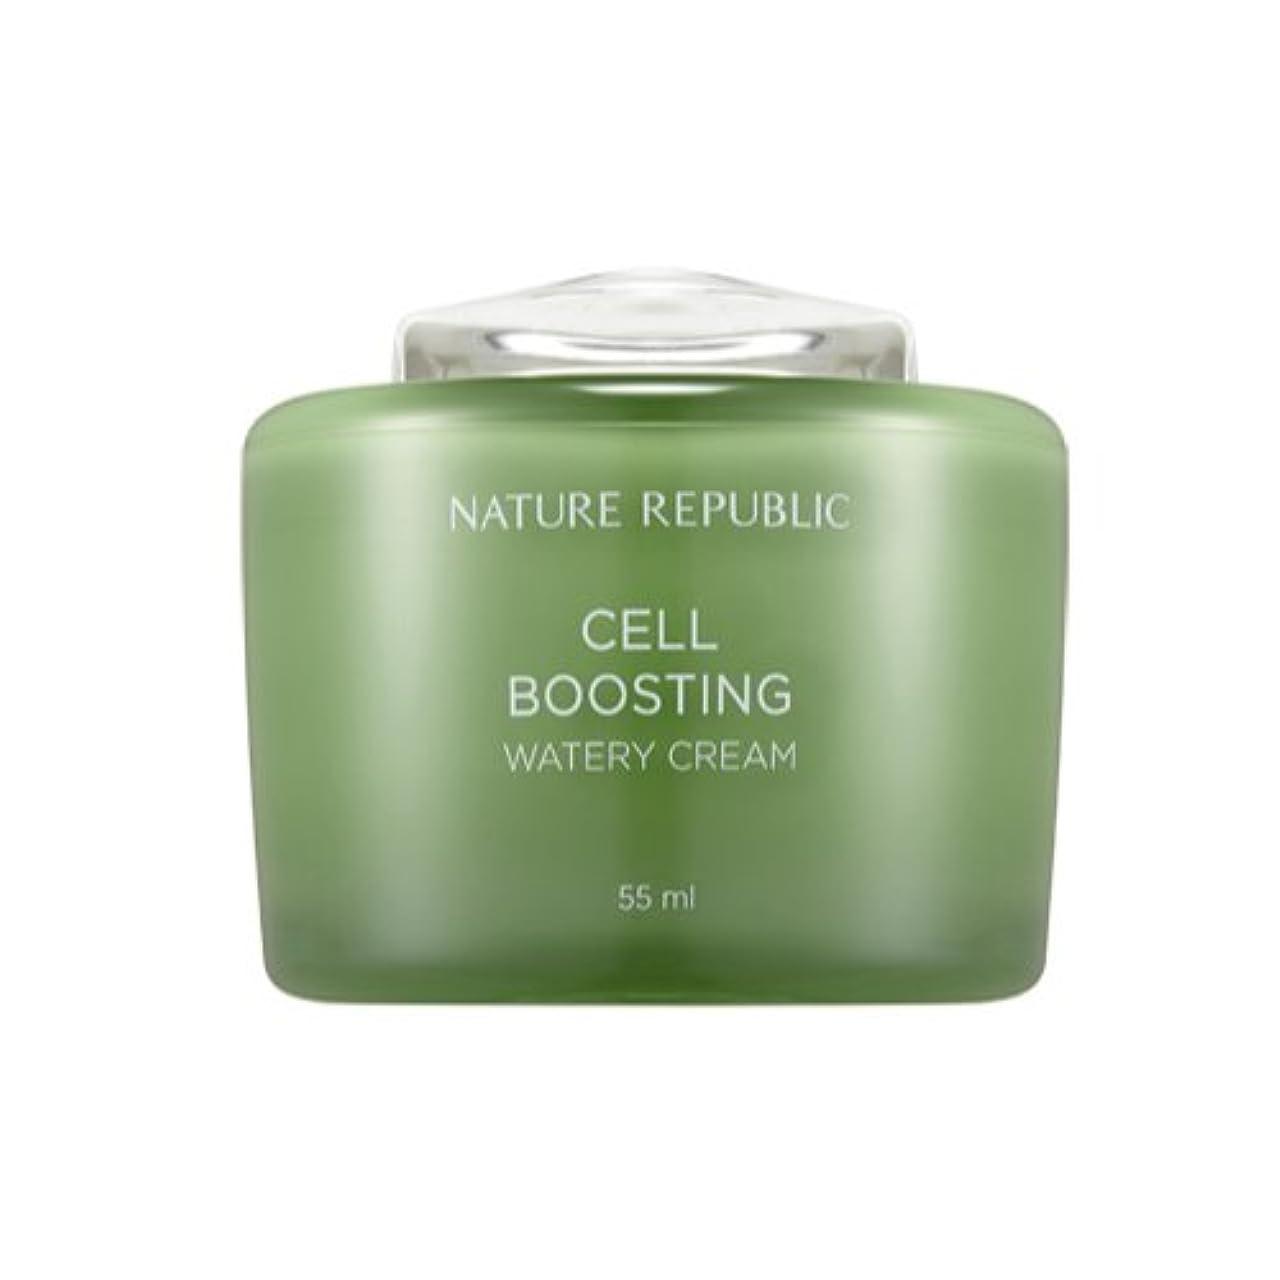 標高香港重大[ネイチャーリパブリック] Nature republicセルブースティングウォーターリークリーム海外直送品(Cell Boosting Watery Cream) [並行輸入品]